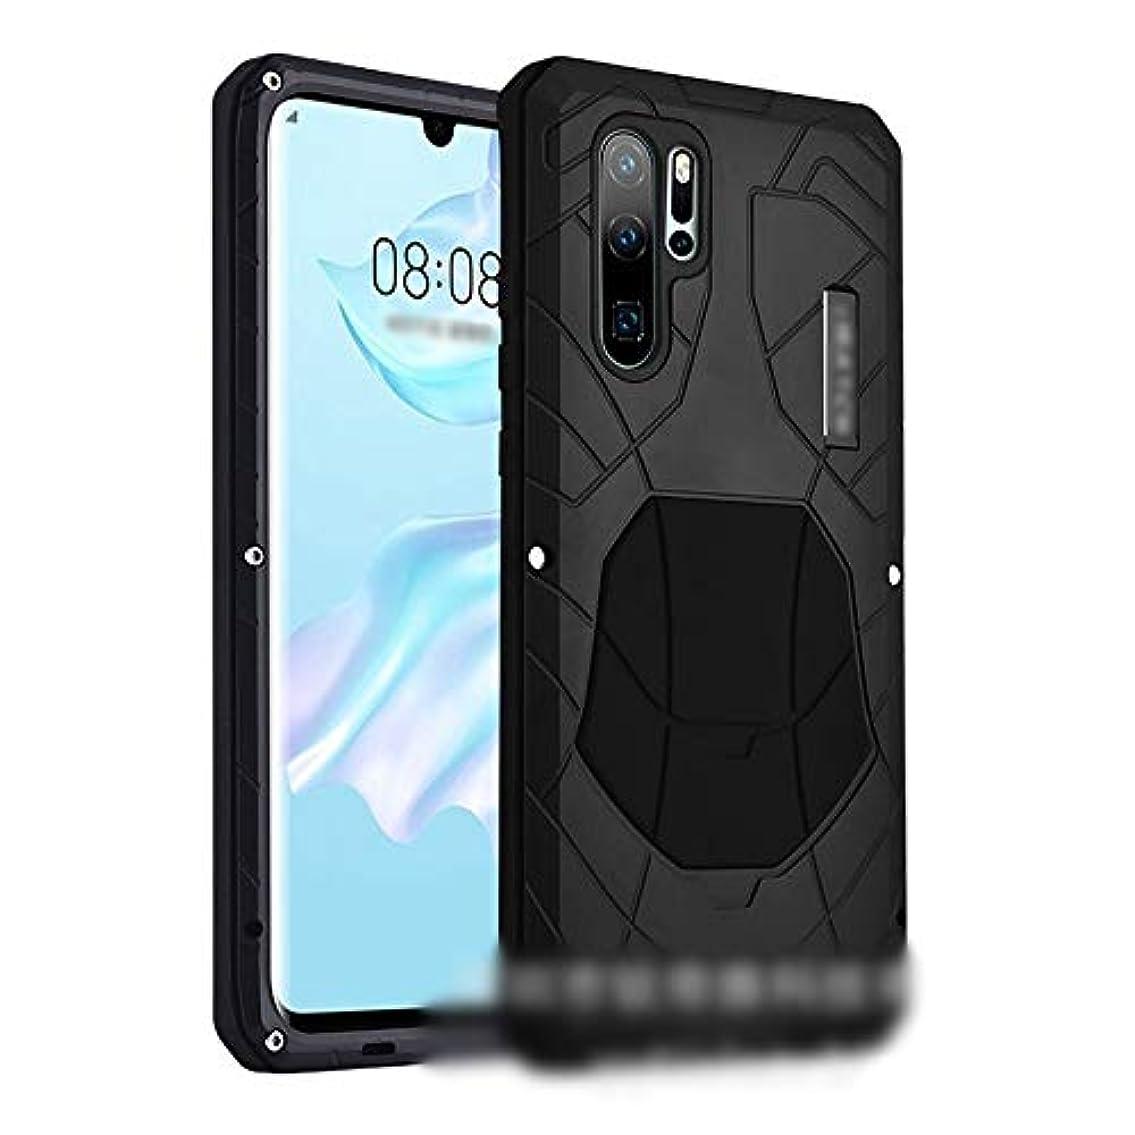 九眉をひそめるみなすTonglilili 電話ケース、Huawei P20、P20 Pro、P30 Pro、P30、P30 Lite、Nova 4e、Mate10、Mate10 Pro、P30 Lite、Nova 4e、Mate20、Mate20 X用の3つのアンチメタル携帯電話シェル飛散防止保護カバー電話ケース、Mate10 Pro、Mate10、Nova 4、P20、P20 Pro、P10、P10 Plus、8x